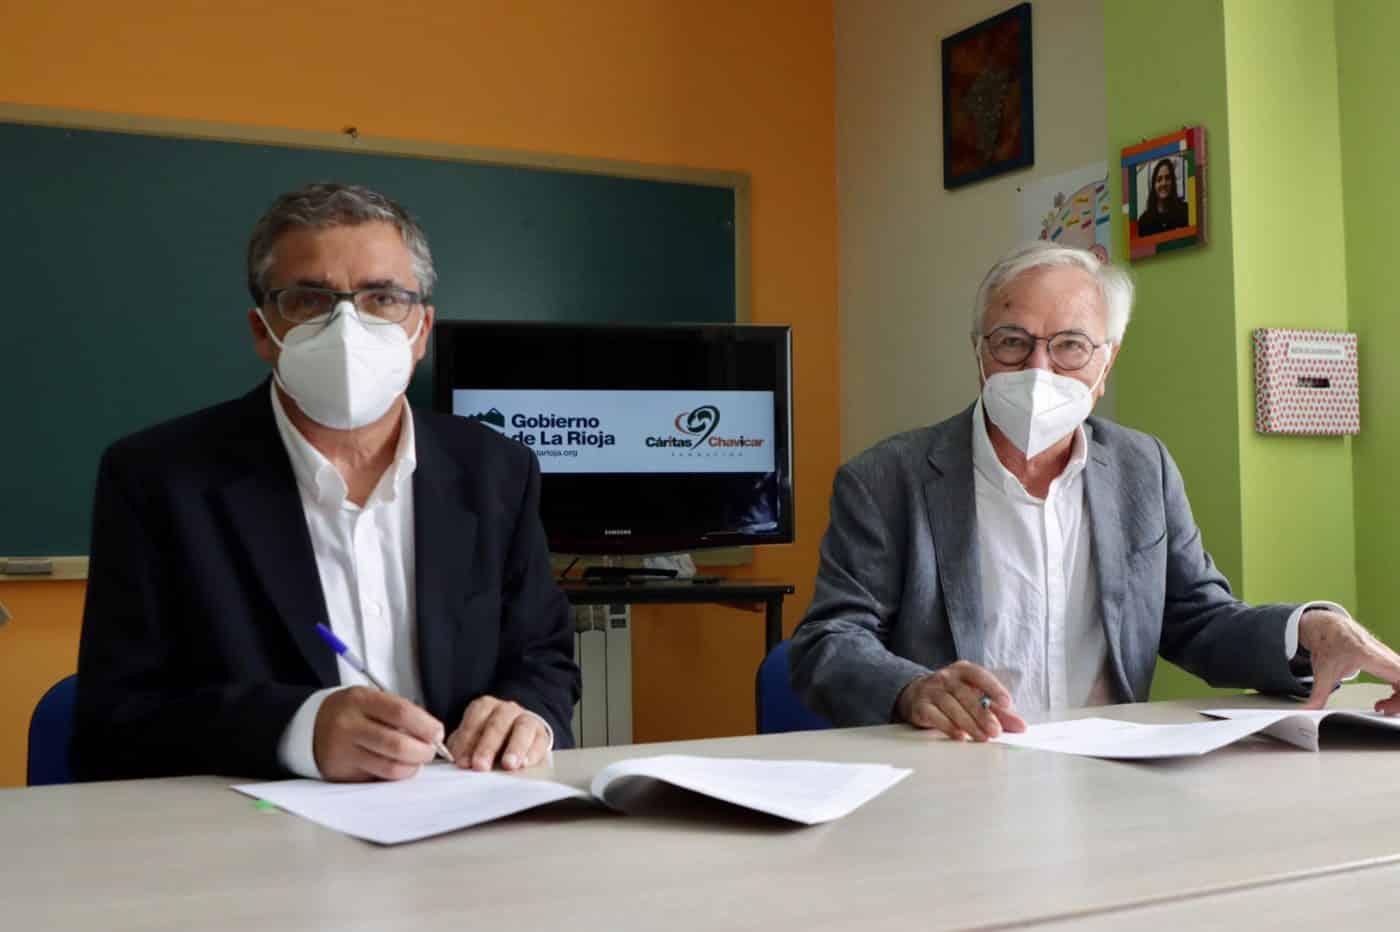 Gobierno riojano y Cáritas Chavicar firman en Santo Domingo un convenio para un programa de inclusión social 3